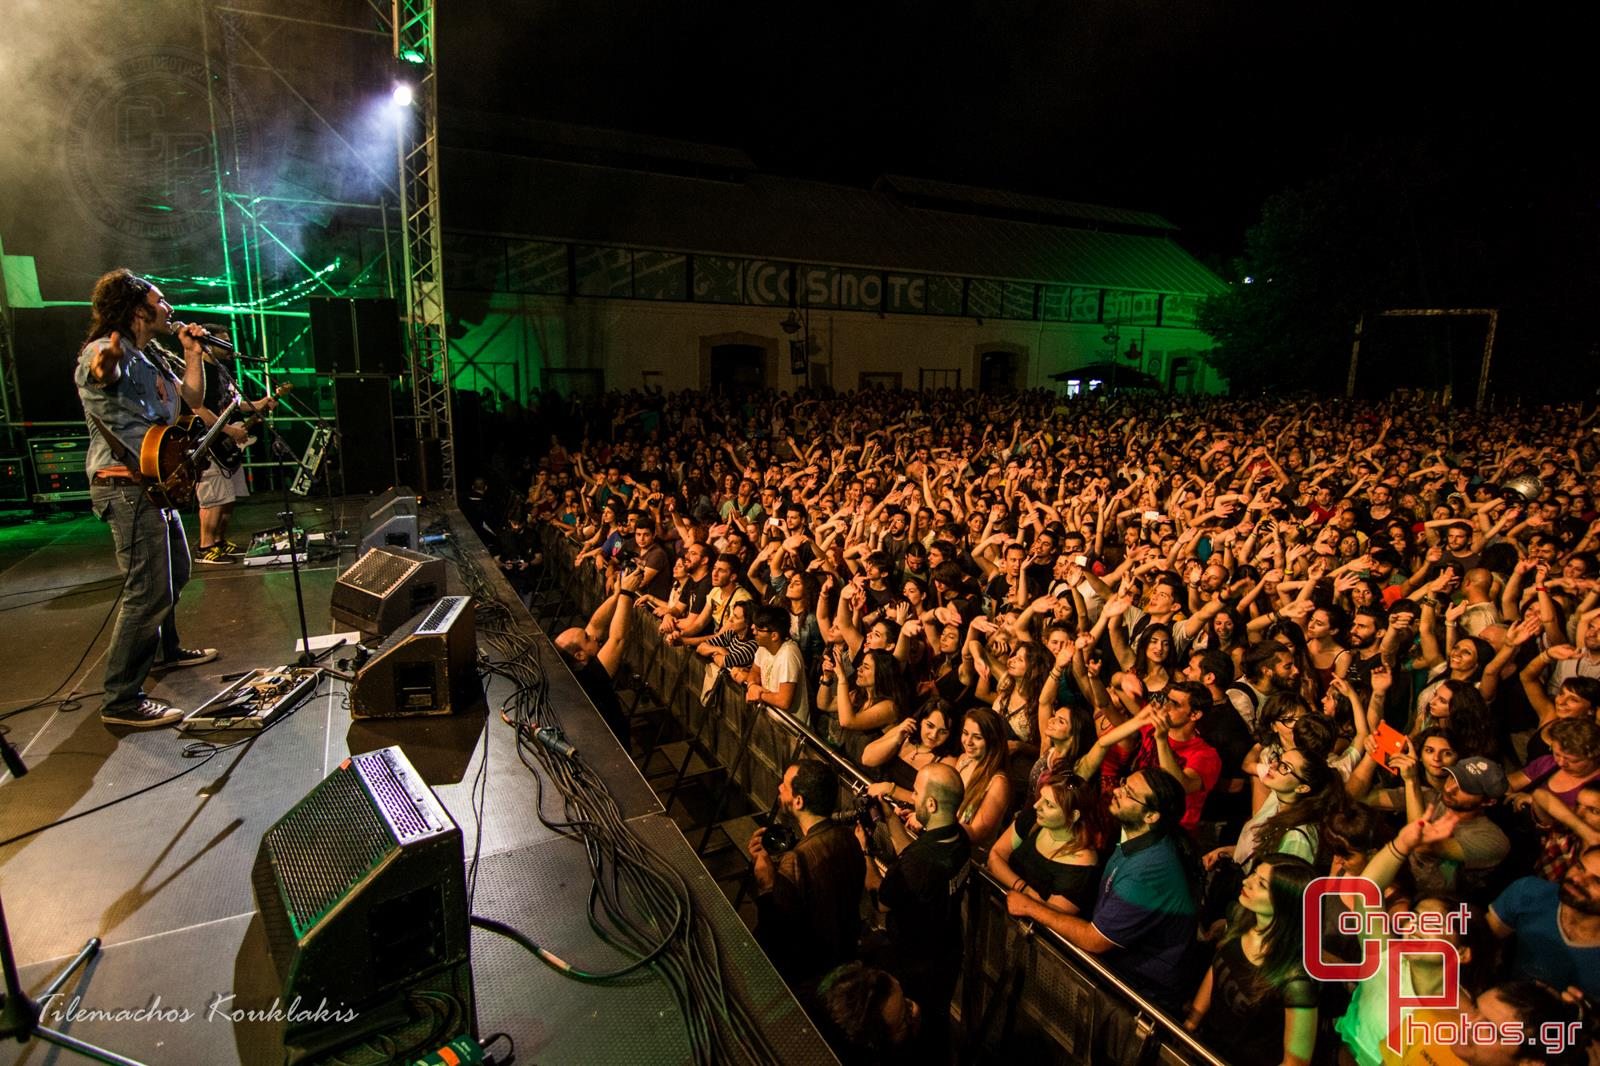 Μία συναυλία για τη Σχεδία 2014-Sxedia 2014 photographer:  - concertphotos_20140530_20_13_36-3